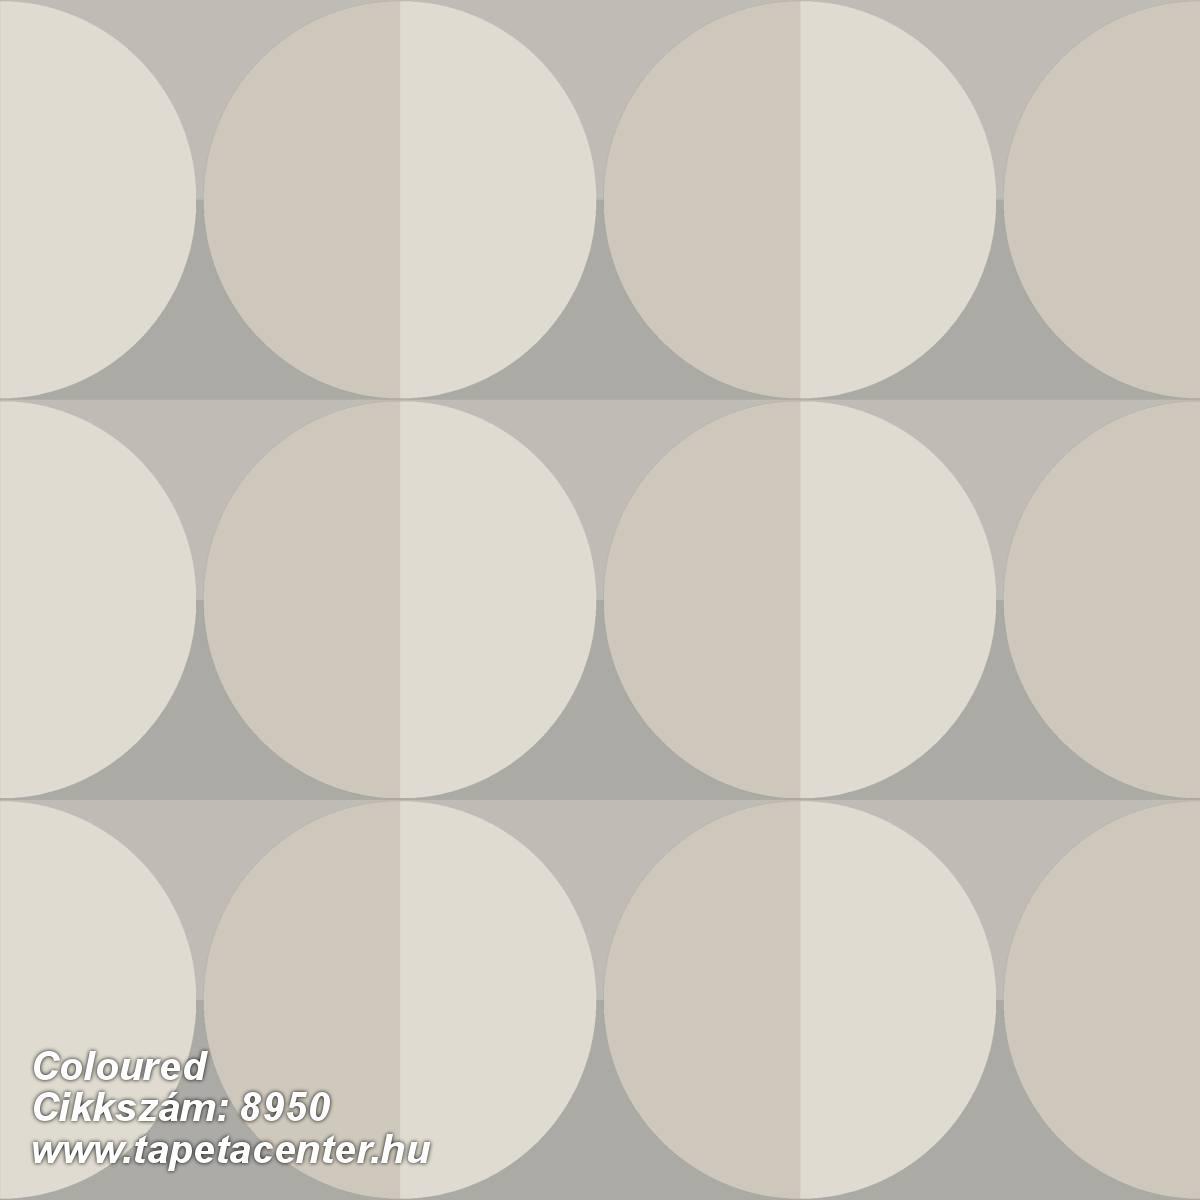 Geometriai mintás,különleges felületű,bézs-drapp,szürke,lemosható,vlies tapéta